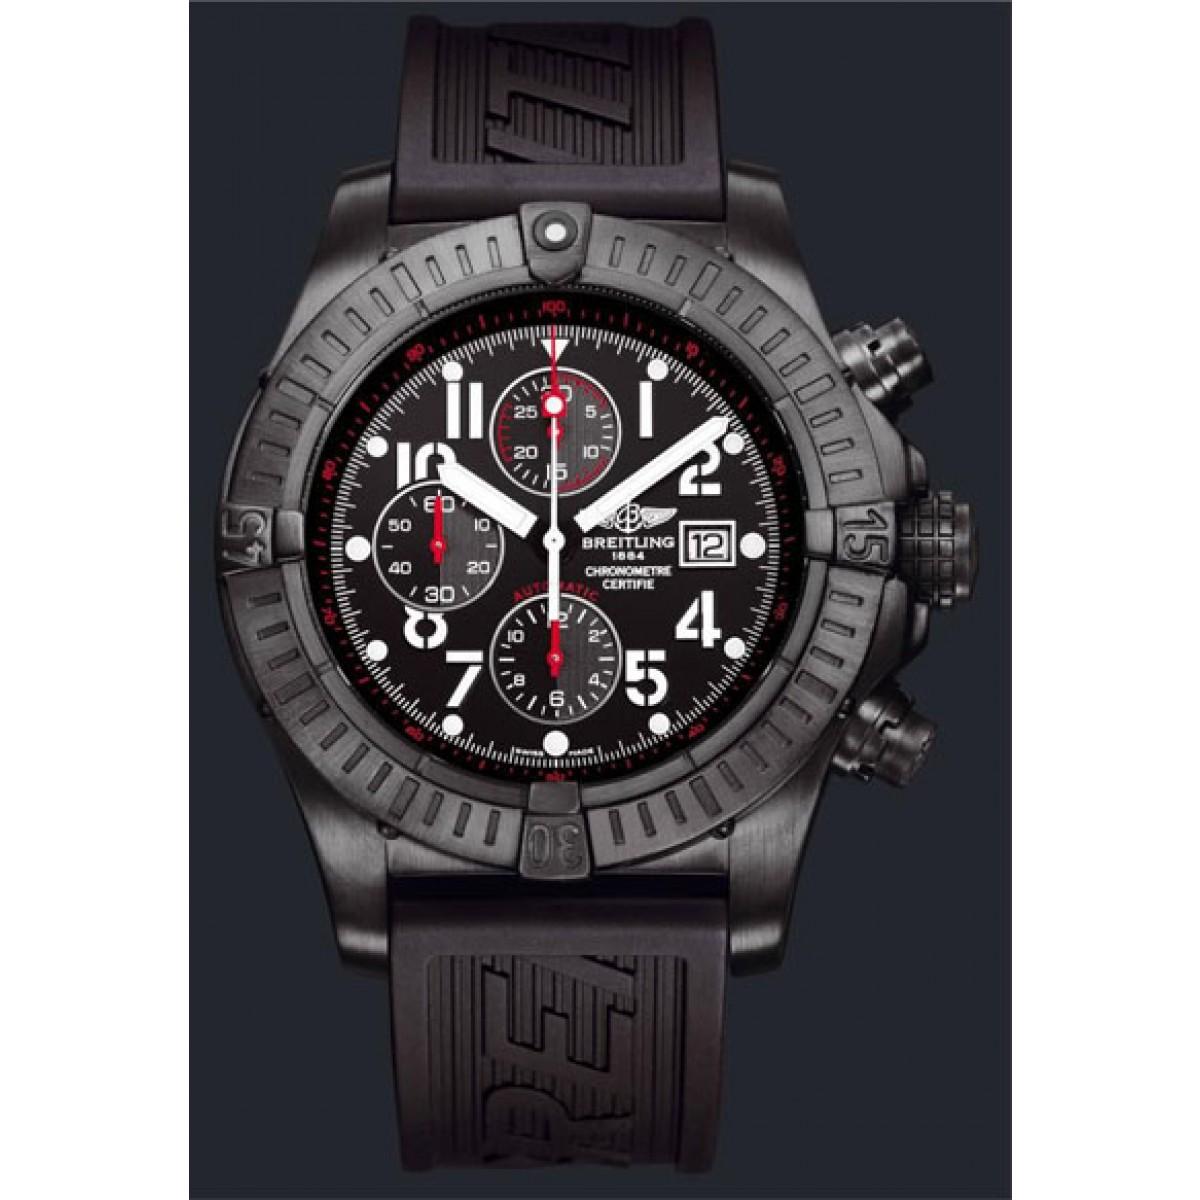 b94d0119f02 Relógio Réplica Breitling Super Avenger